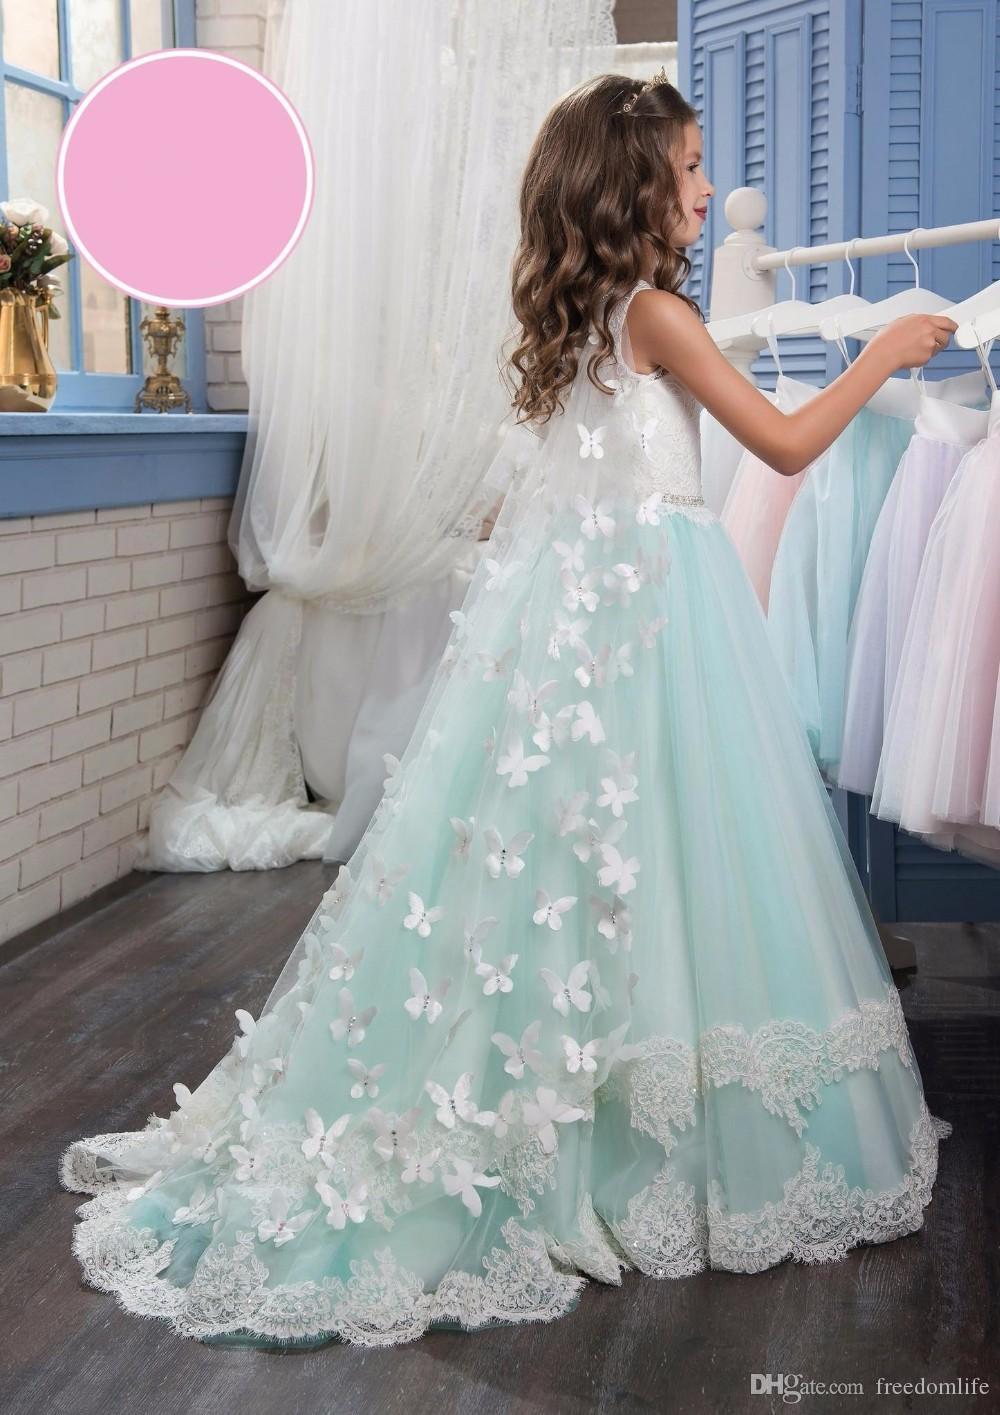 Einzigartige Blumenmädchenkleider Bow Butterfly Crew Perlen Spitze Appliques Elegant Günstige Mädchenkleider mit Wickel Heilige Kommunion Kleid